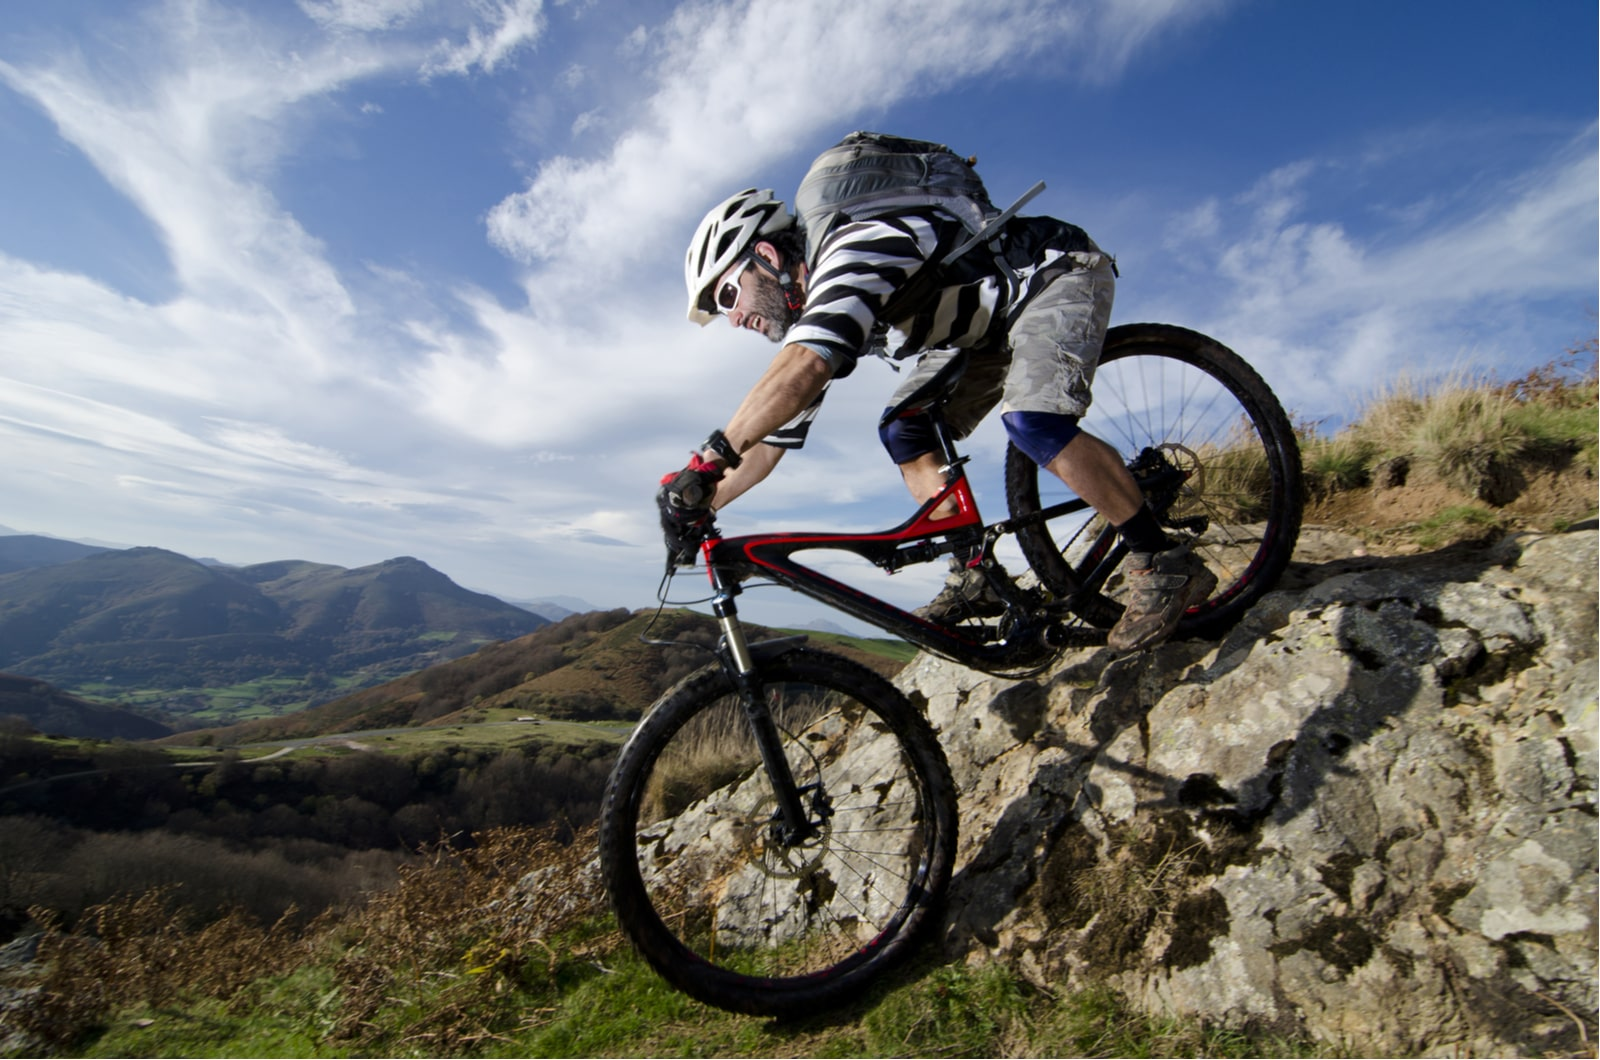 jazda na rowerze mtb w górach